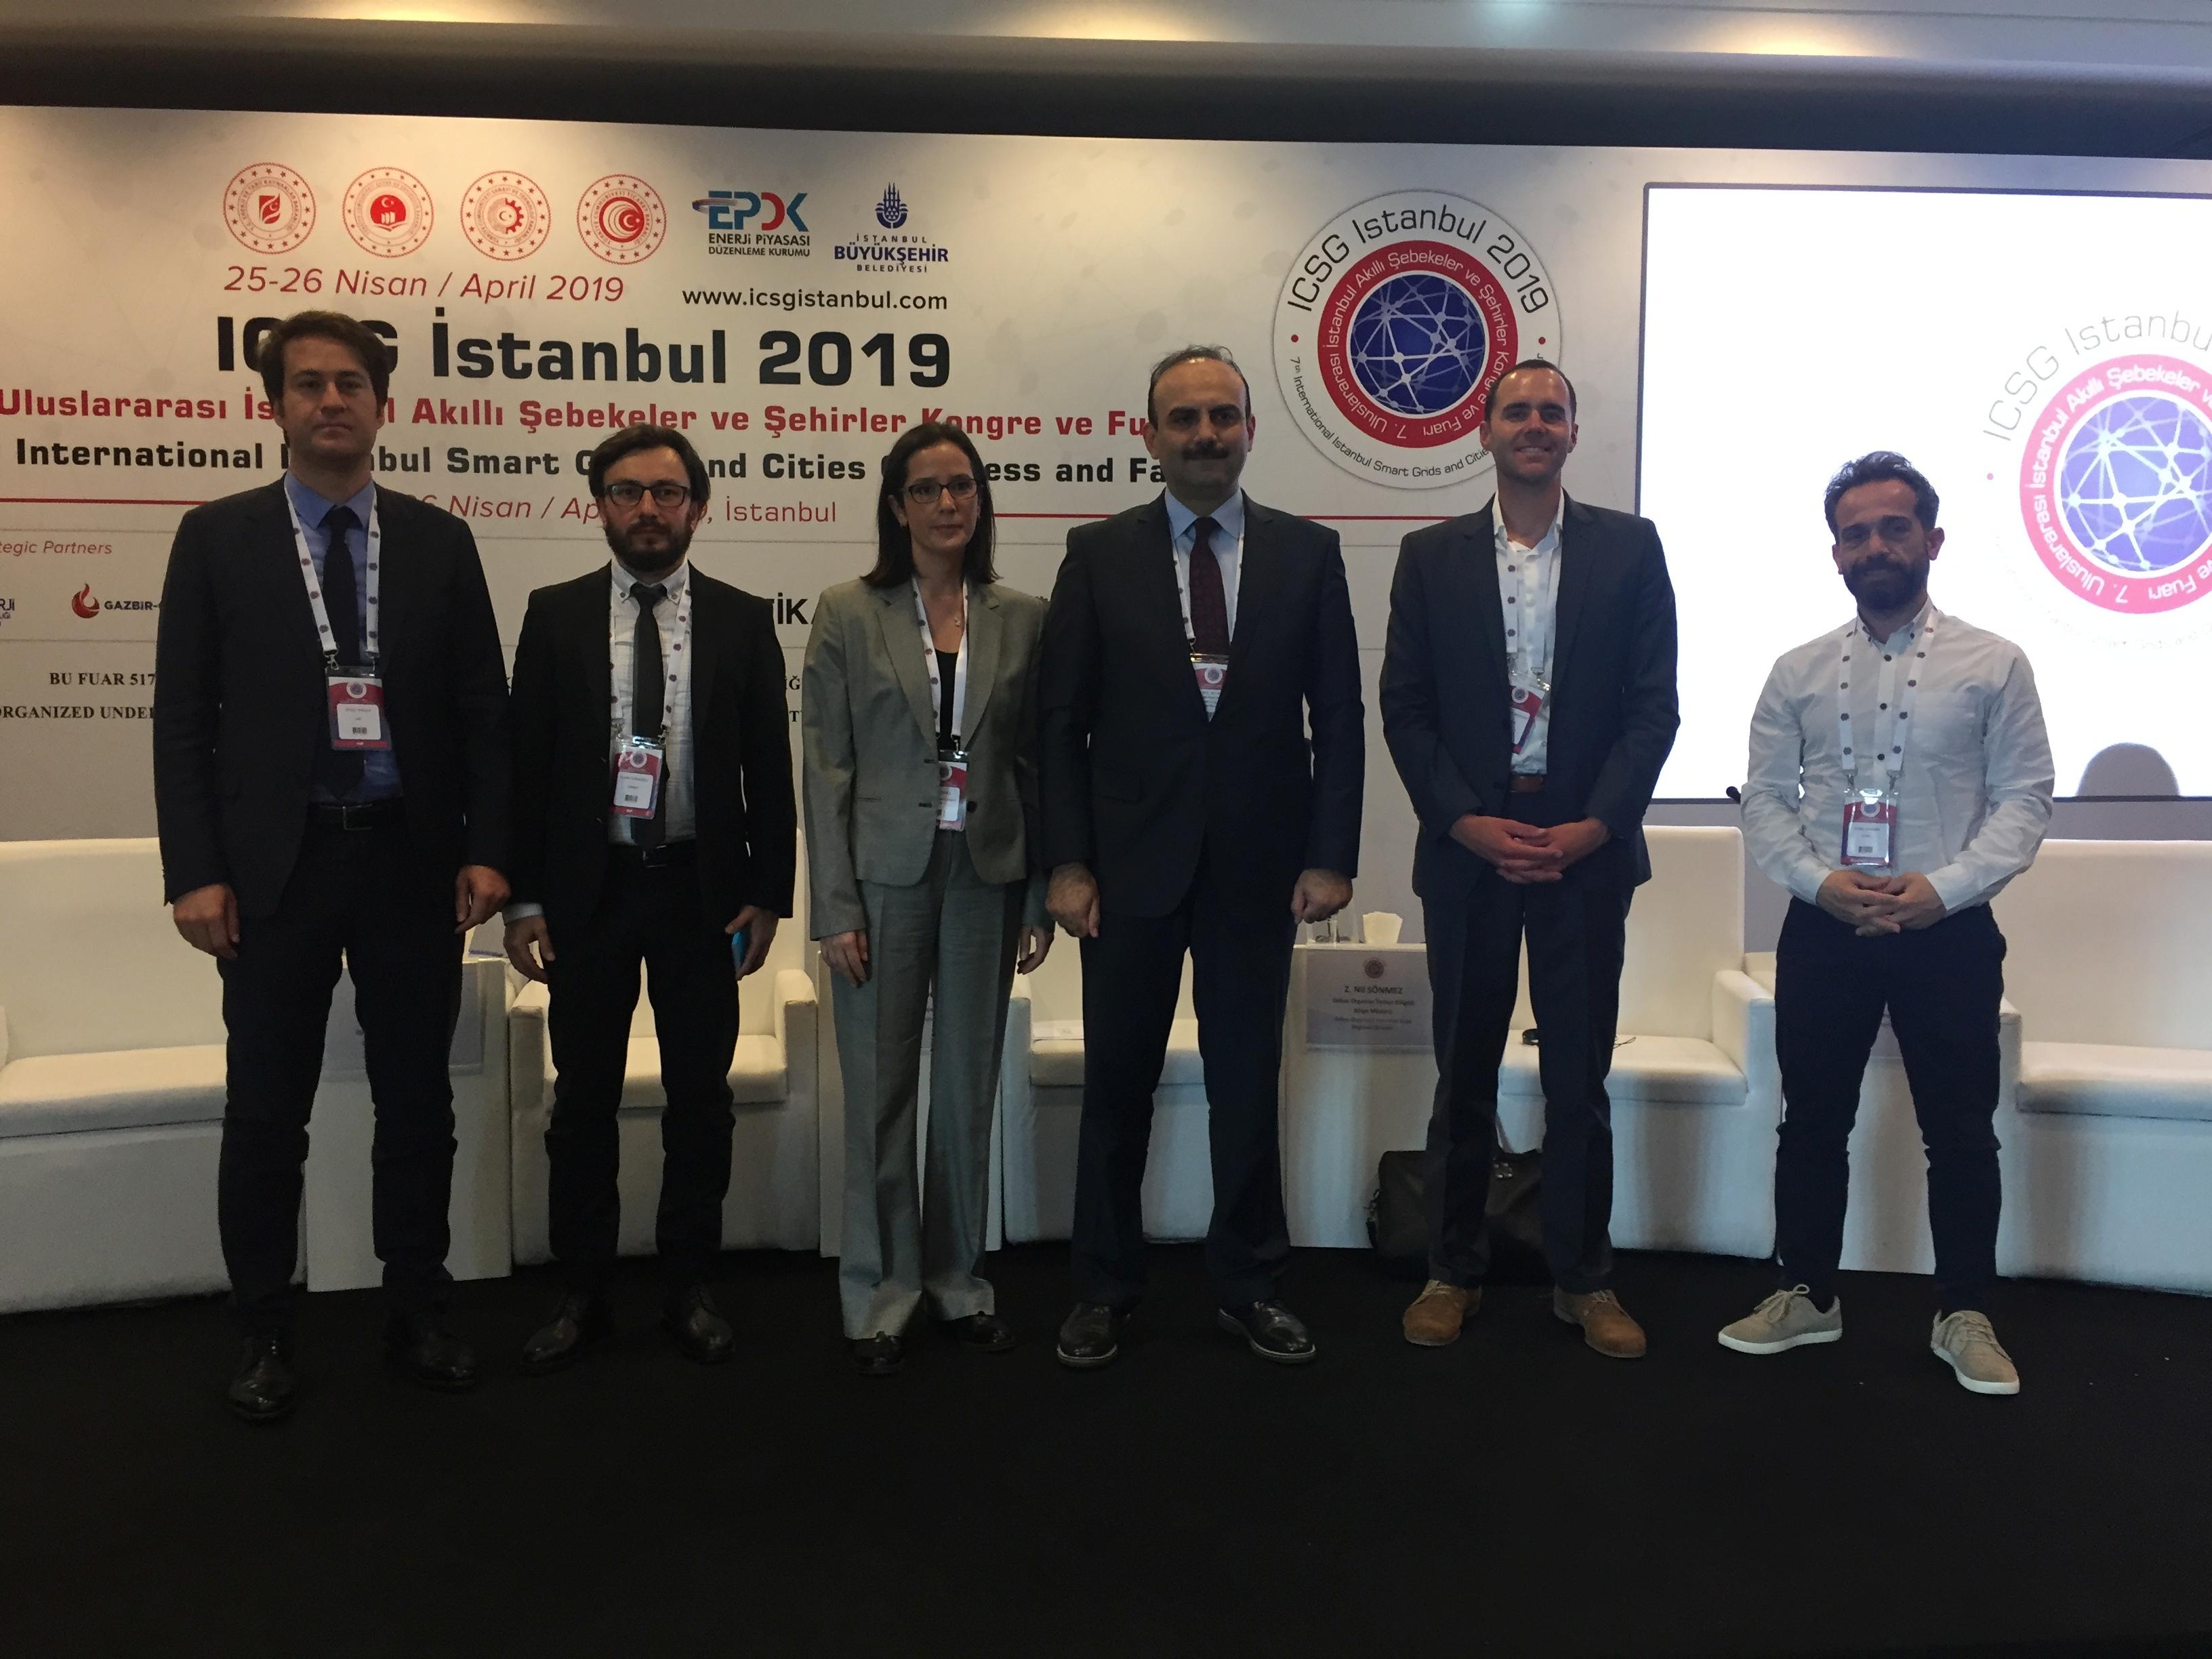 7. Uluslararası İstanbul Akıllı Şebekeler ve Şehirler Kongre ve Fuarına Katıldık.